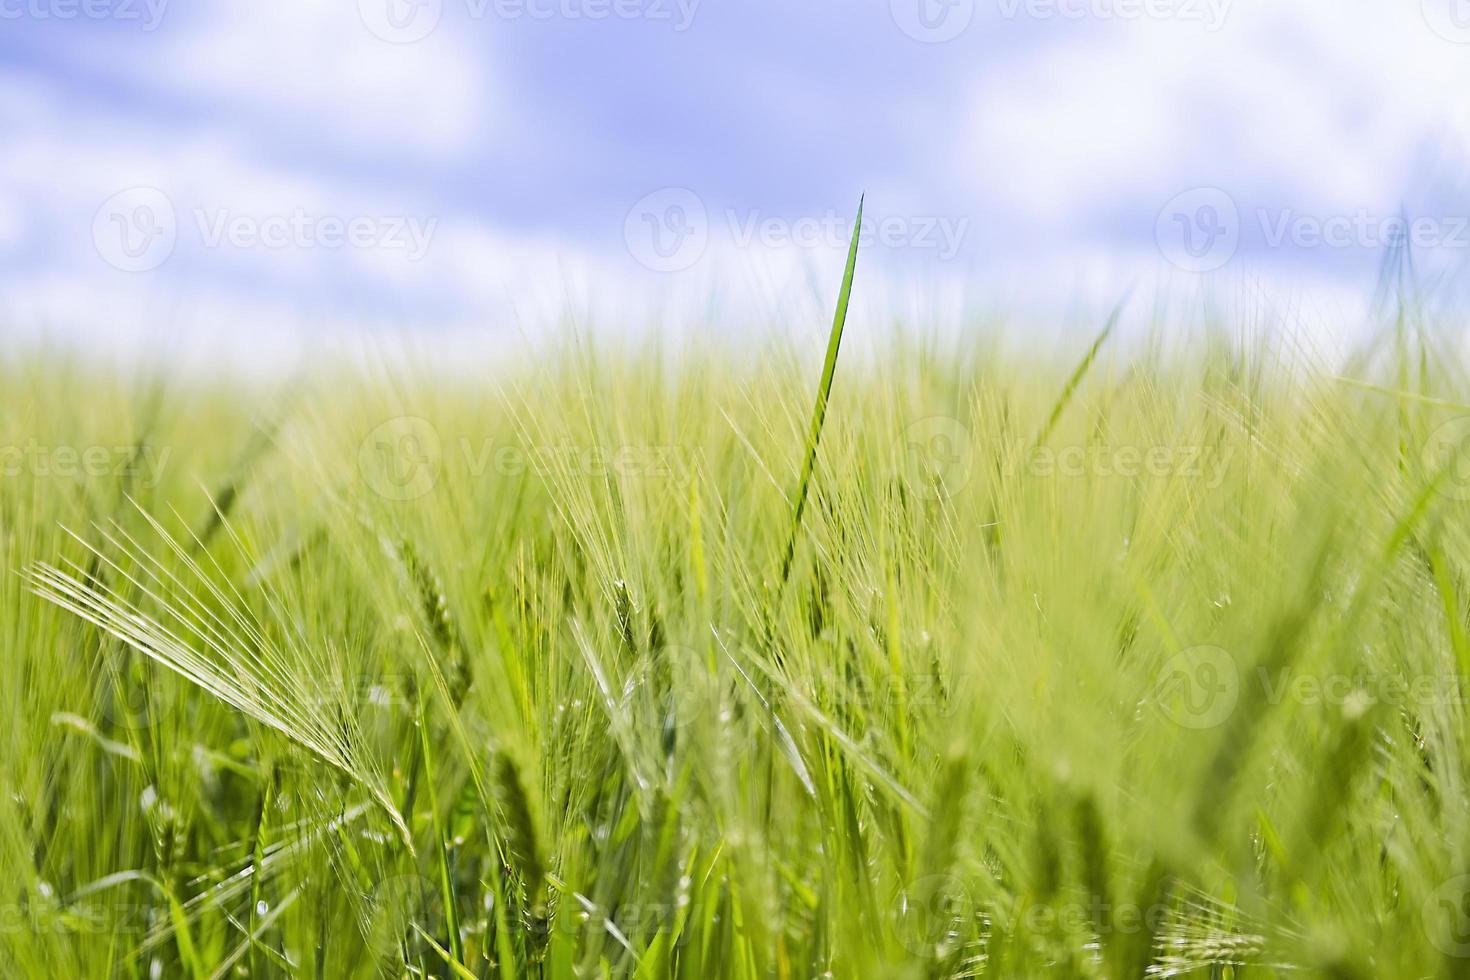 campo de trigo, safra fresca de trigo. foto